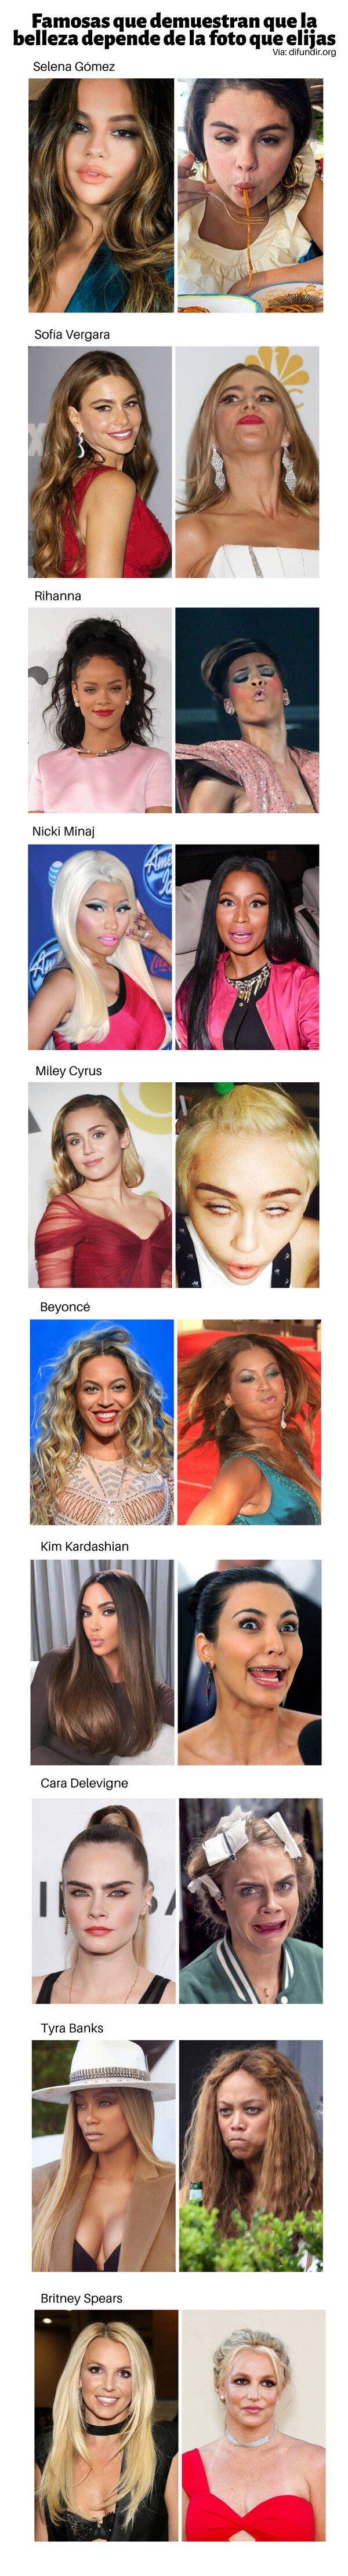 Meme_otros - Famosas que demuestran que la belleza depende de la foto que elijas